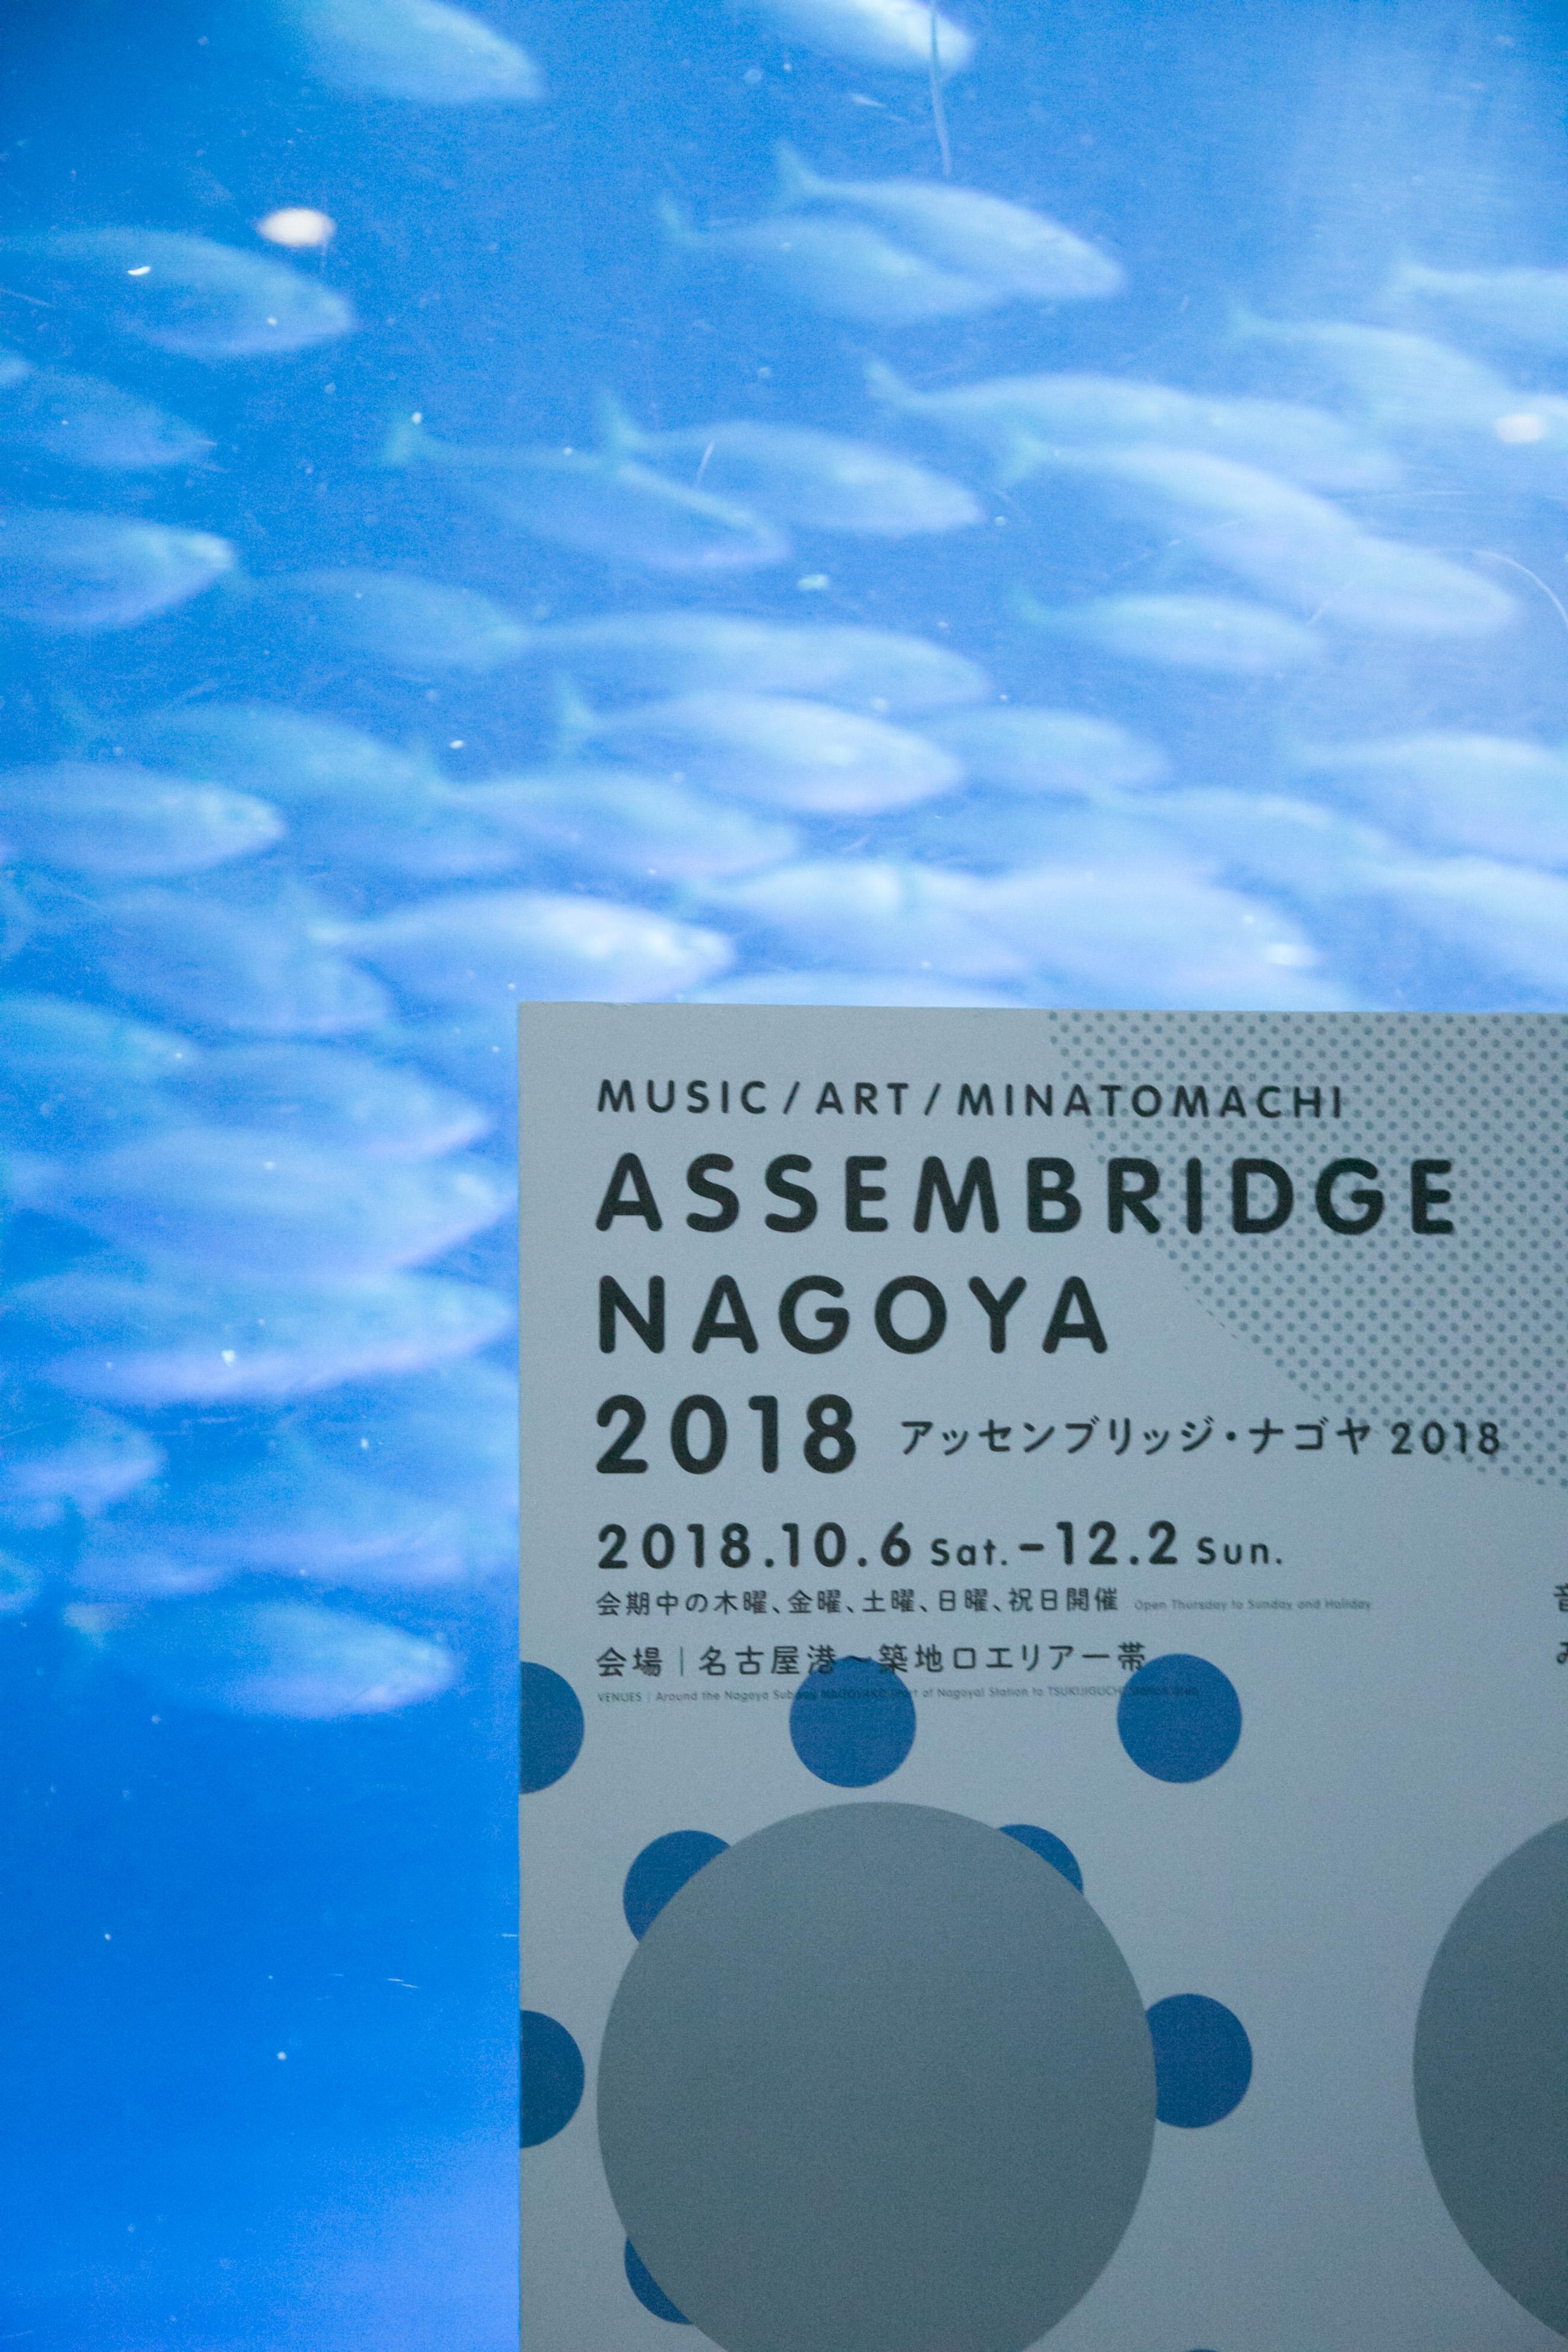 アッセンブリッジ・ナゴヤ2018活動報告①